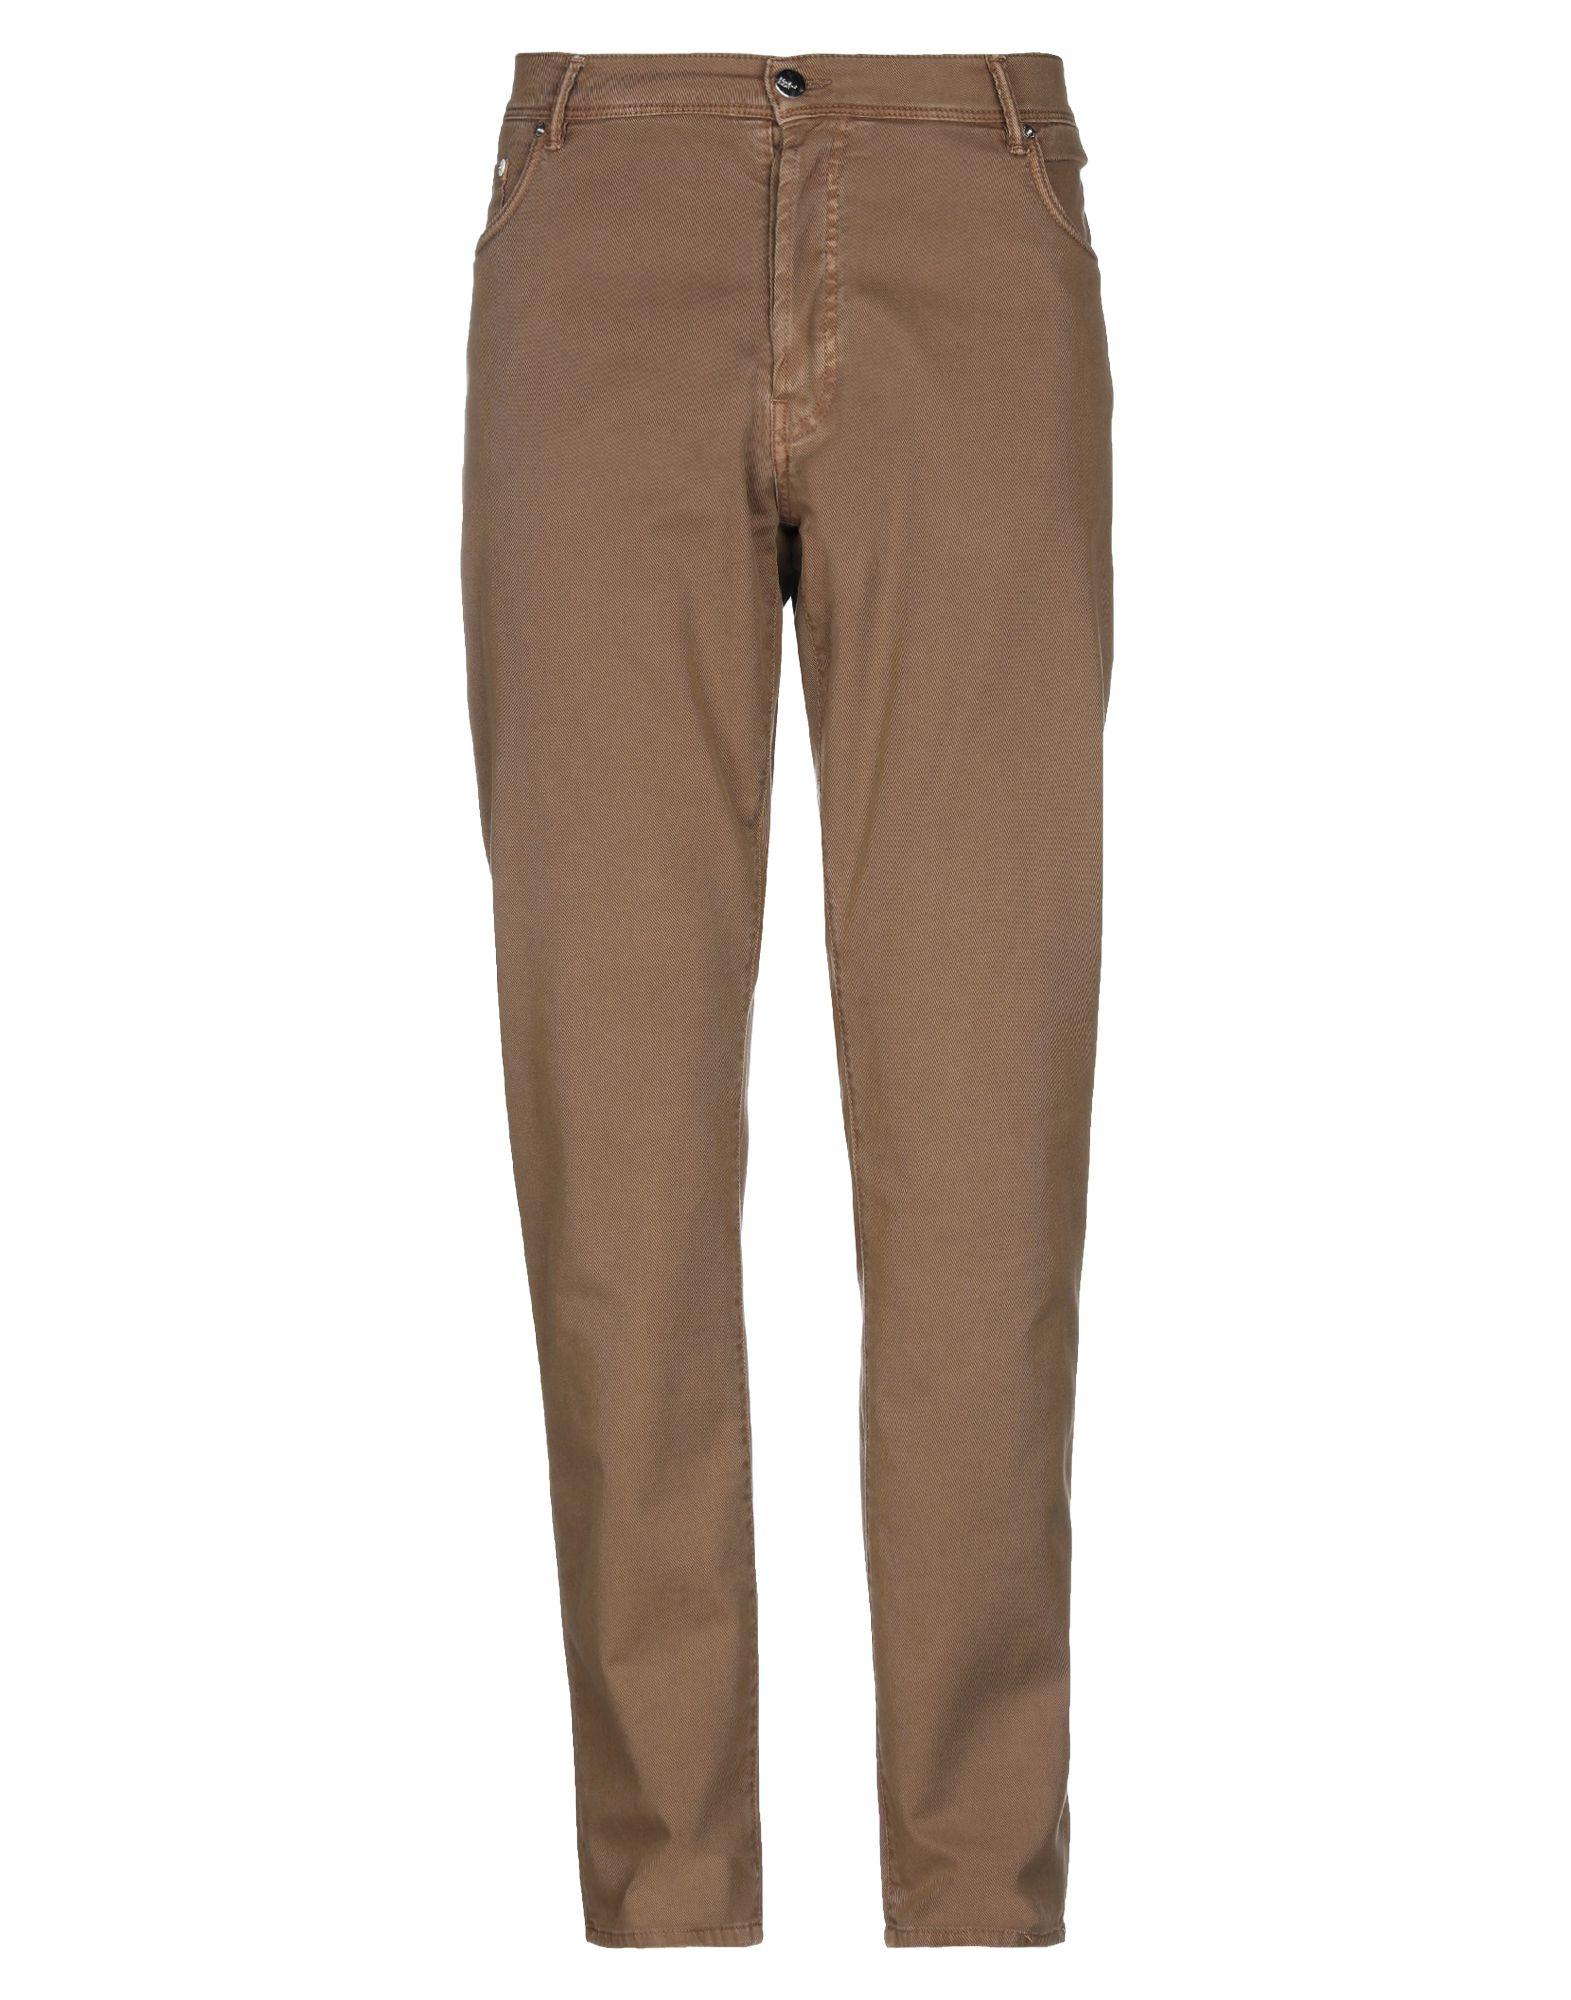 《期間限定セール開催中!》DOUBLE EIGHT メンズ パンツ ブラウン 38 コットン 97% / ポリウレタン 3%